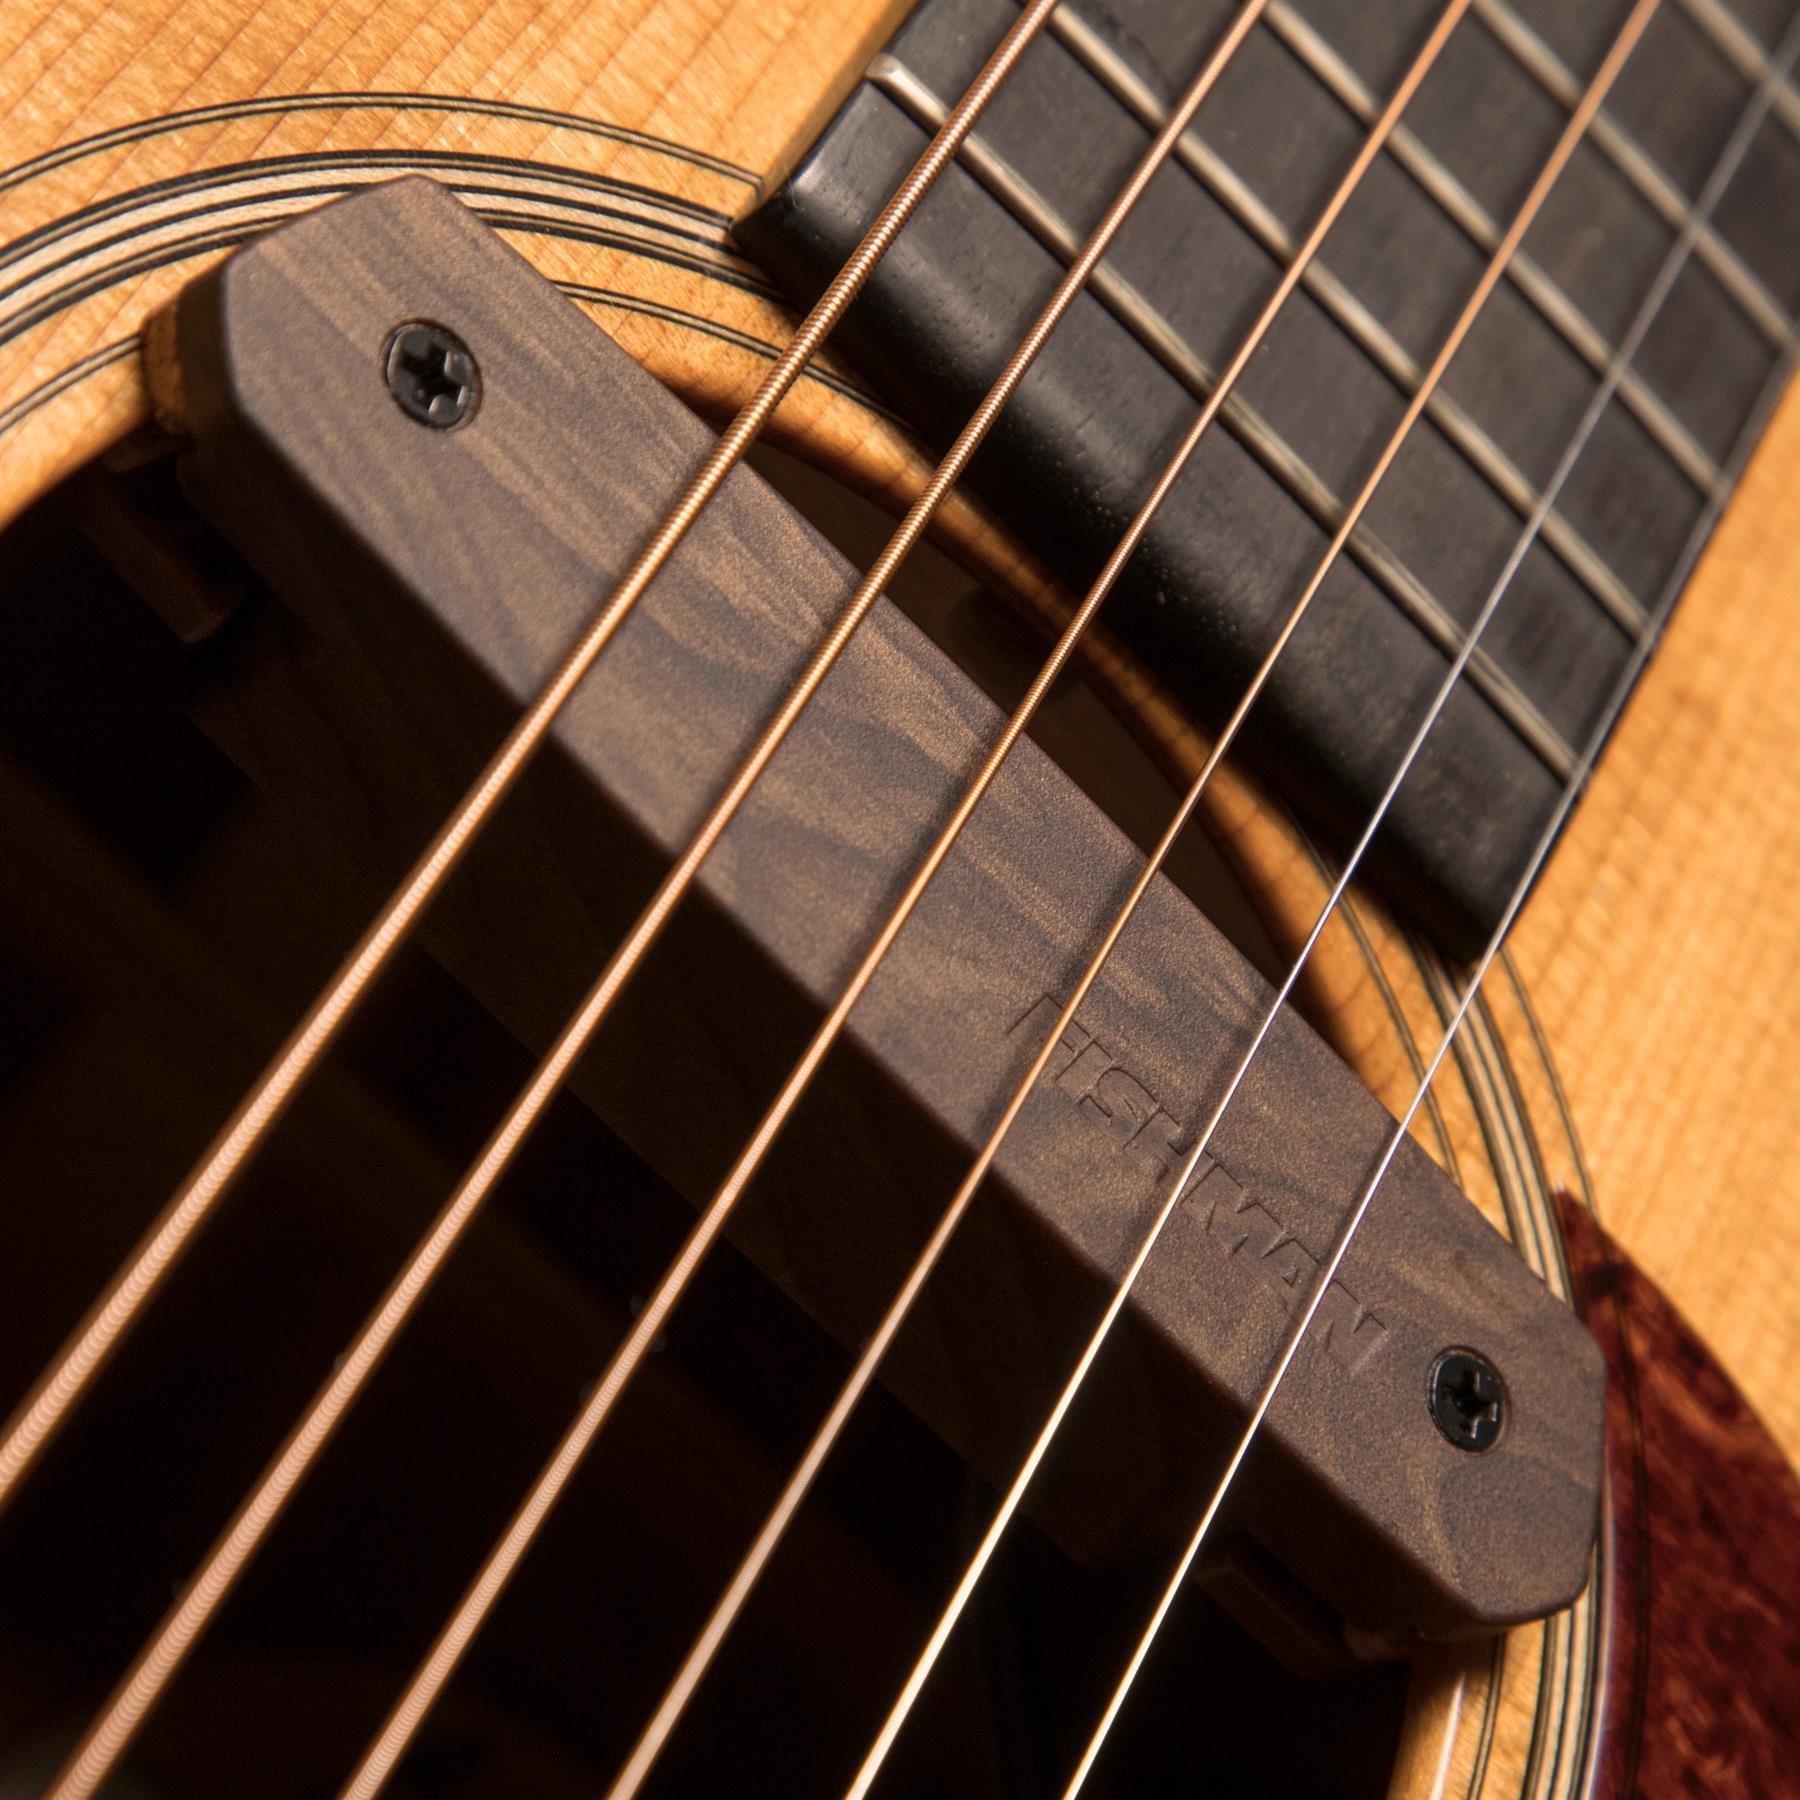 Fishman Neo-D Single Coil Acoustic Guitar Soundhole pickup - woodgrain